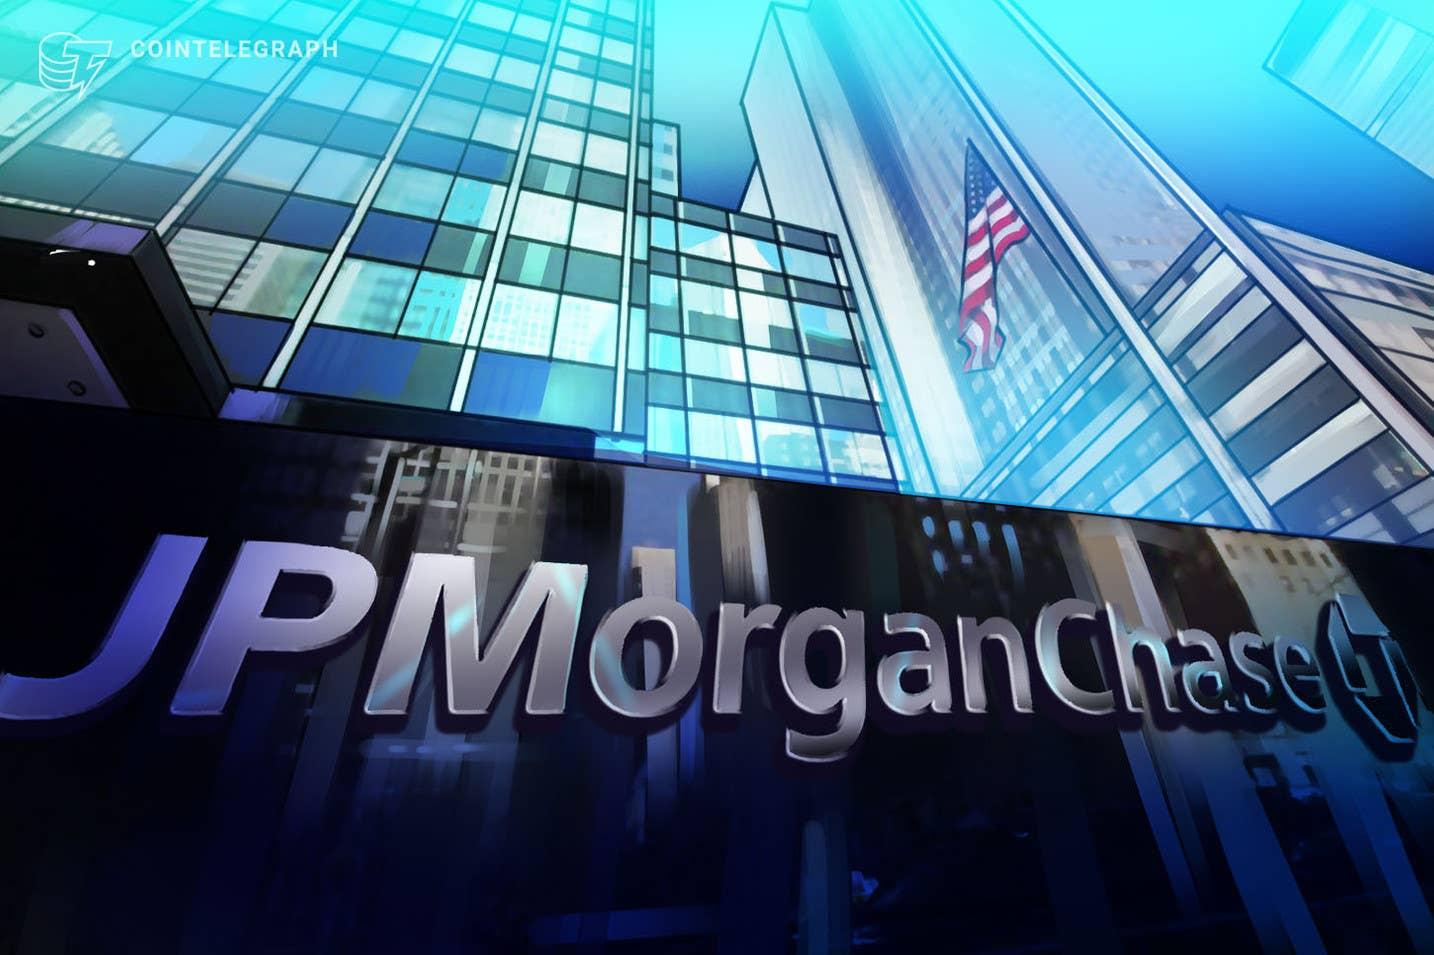 JPMorgan soa alarme sobre mercados de criptografia 'espumosos' após o boom de agosto